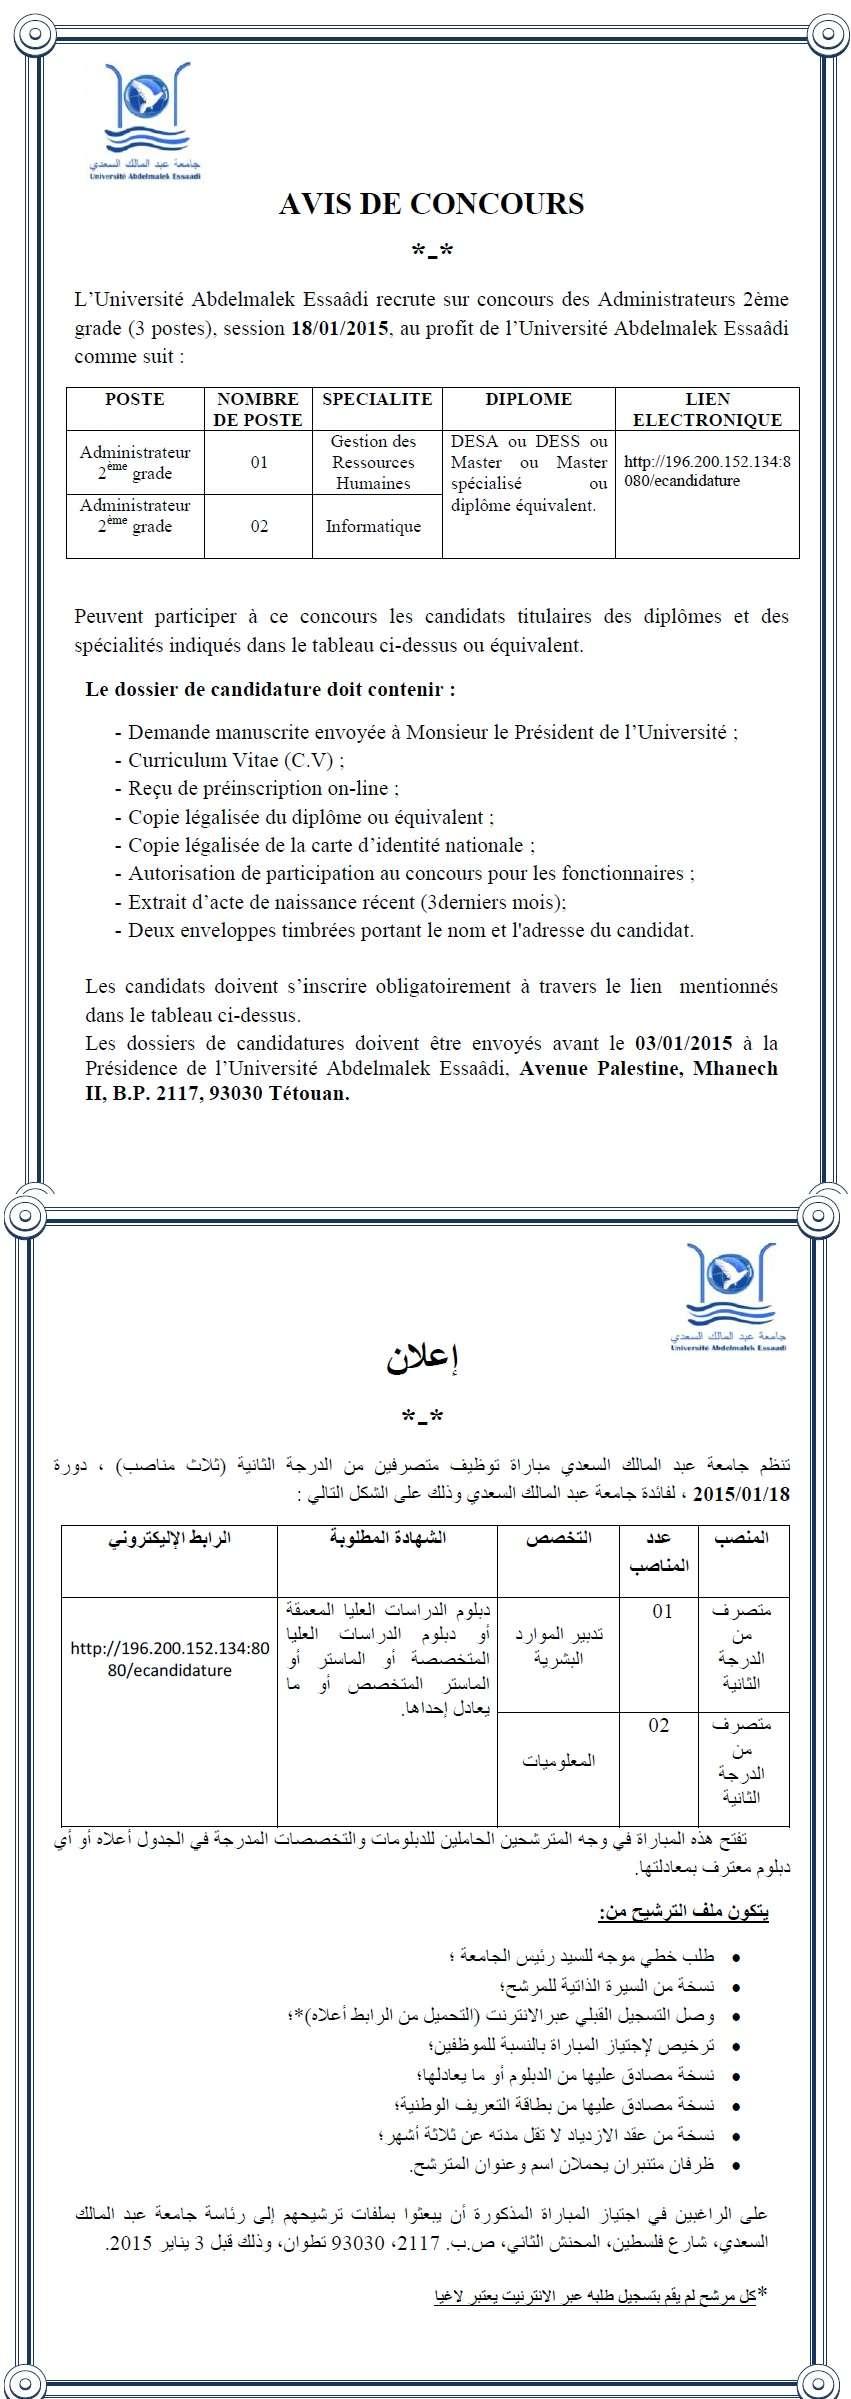 جامعة عبد المالك السعدي - تطوان : مباراة لتوظيف متصرفين من الدرجة الثانية (ثلاث مناصب) ، دورة 18/01/2015 (3 مناصب) خر أجل لإيداع الترشيحات 3 يناير 2015 Conco199